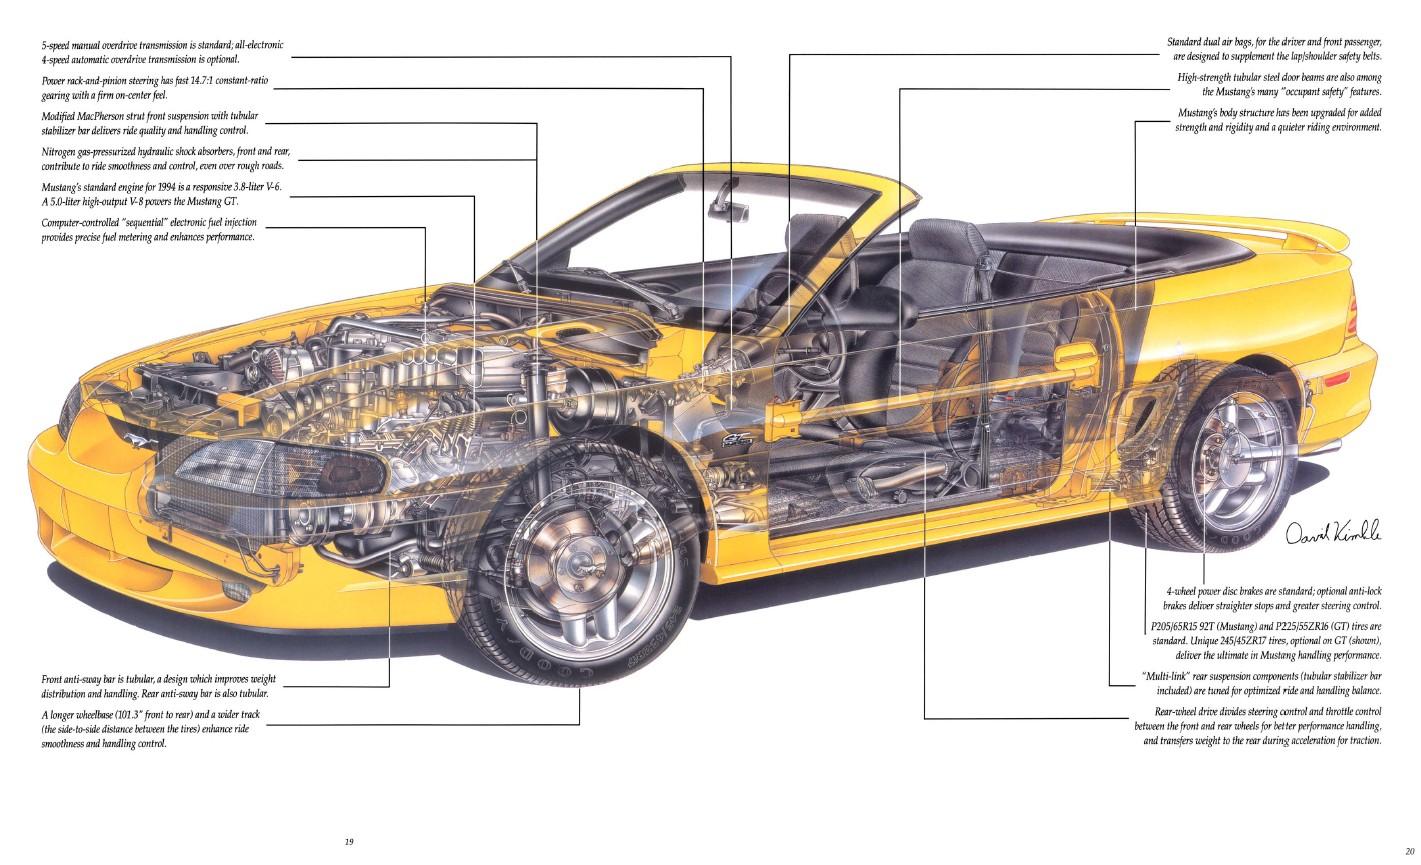 1994-ford-mustang-brochure-11.jpg